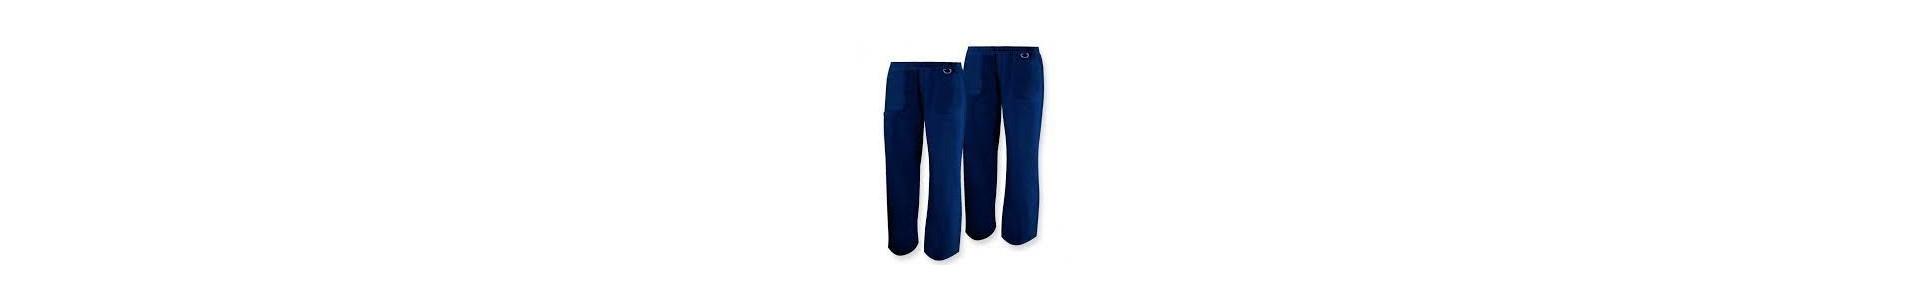 Tiendas Pavo Venta Online de pantalones pijama para sanidad, estética y limpieza